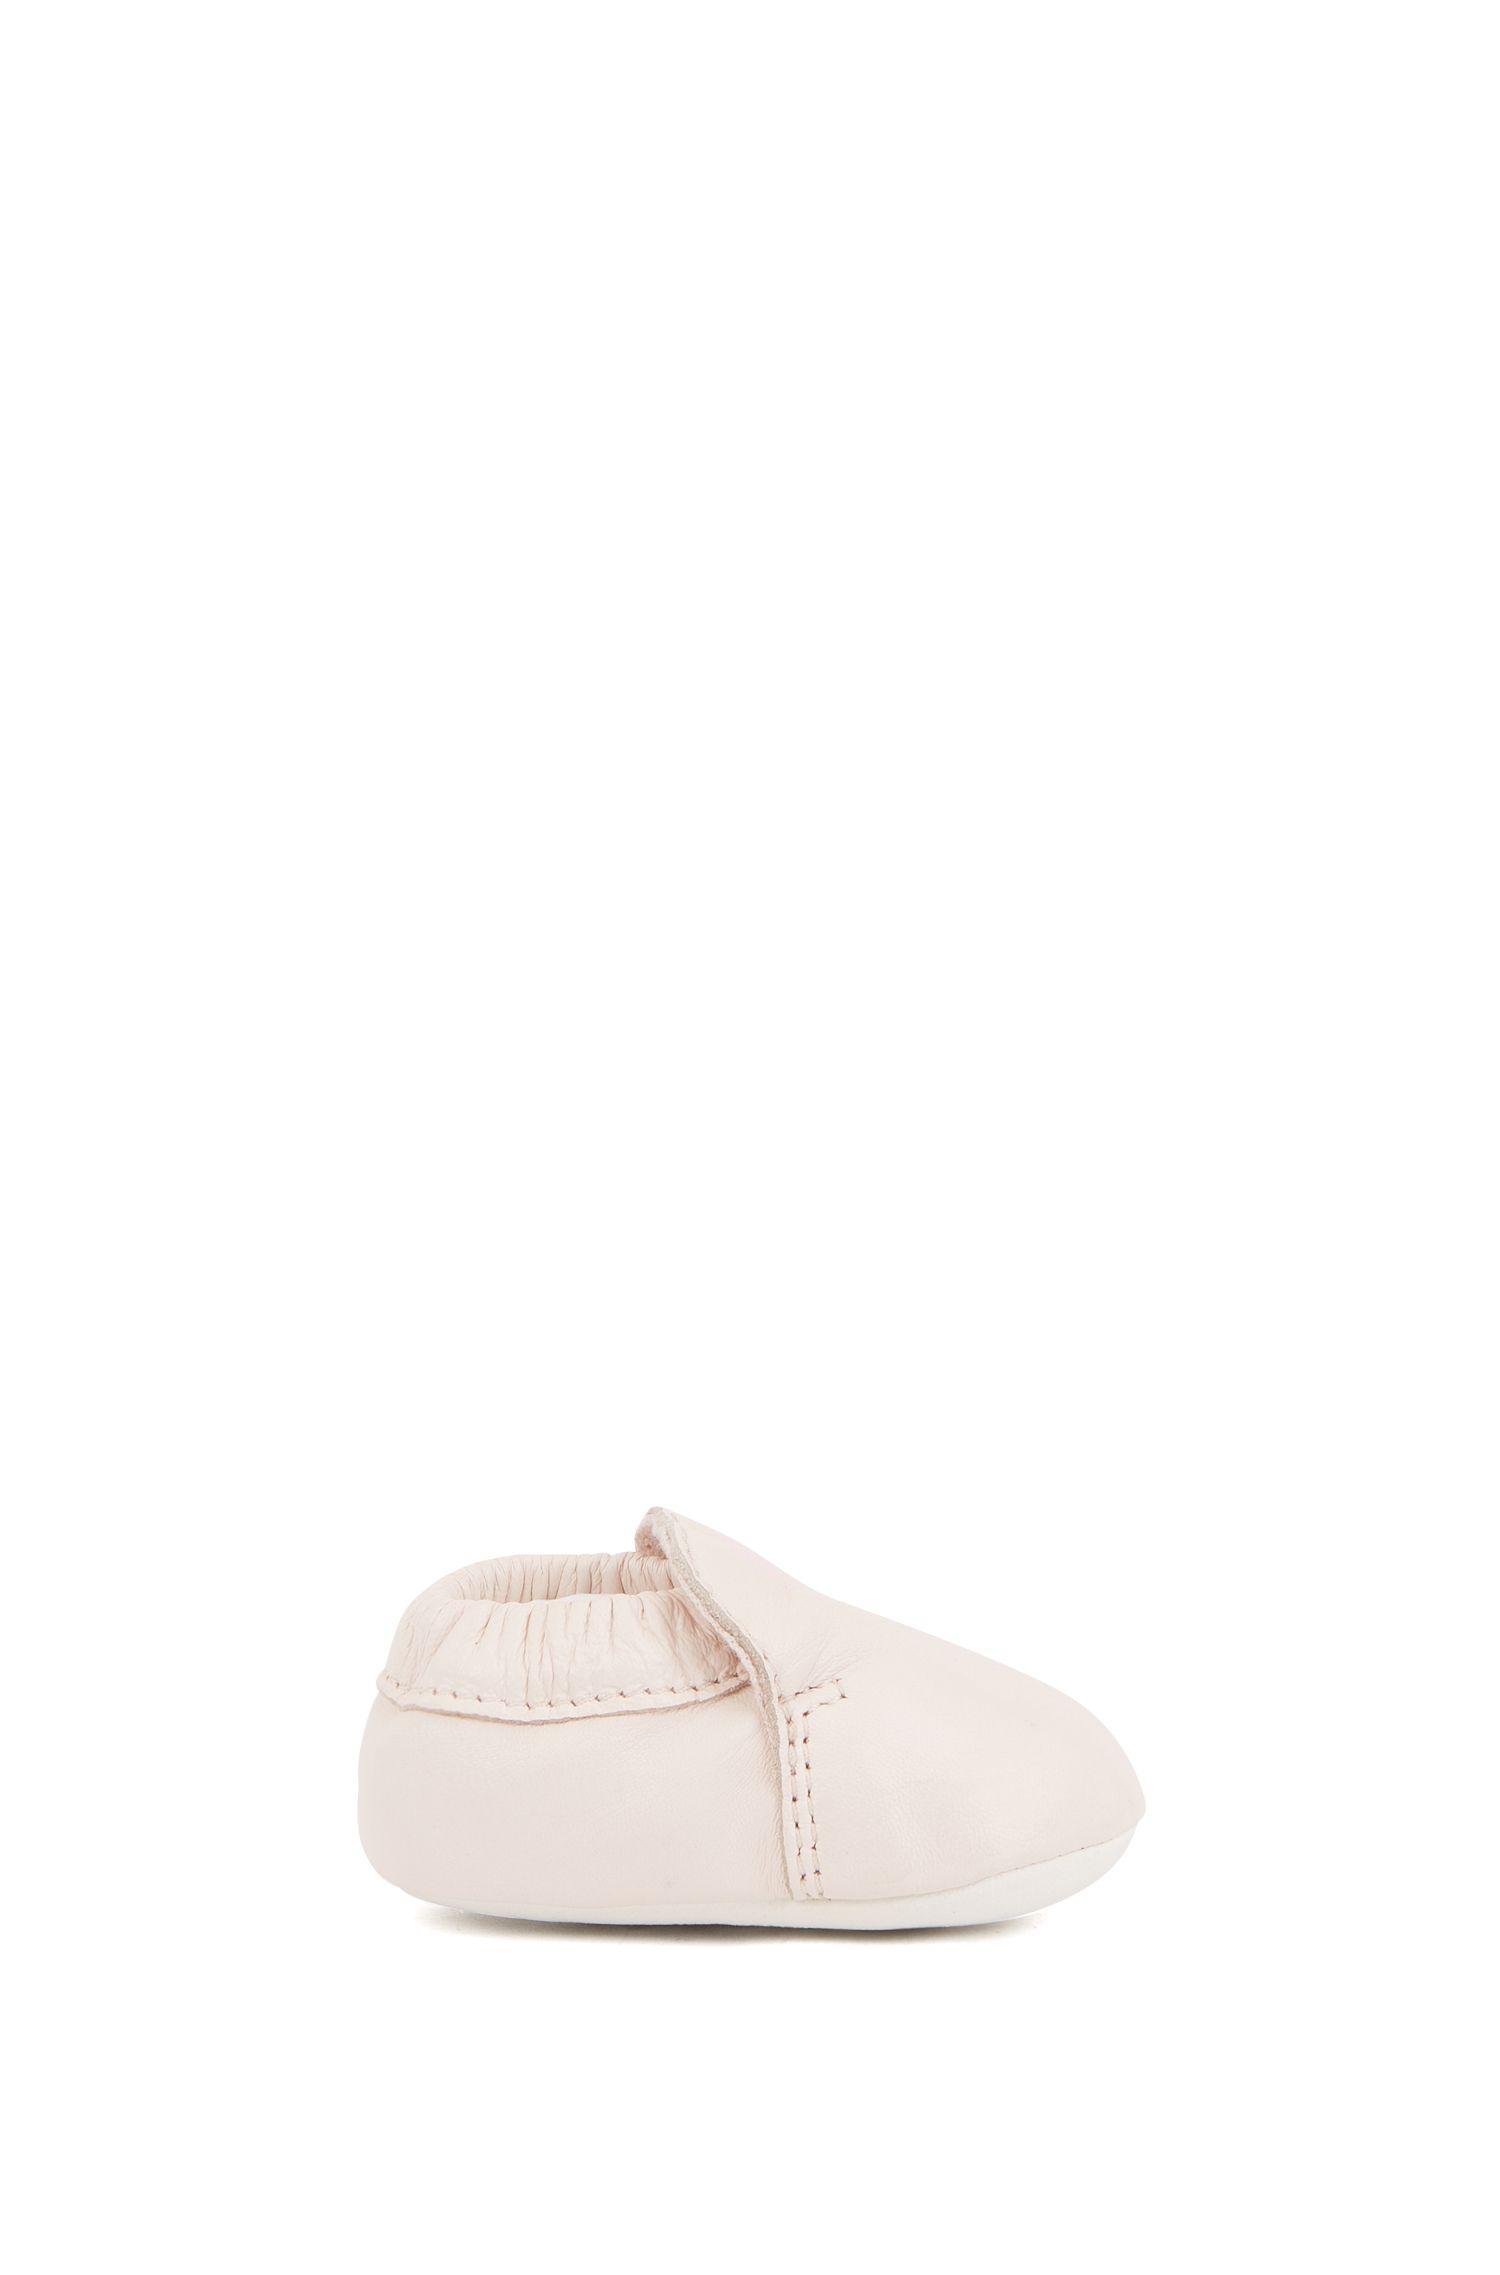 Stivaletti da neonato in pelle con logo stampato, Rosa chiaro